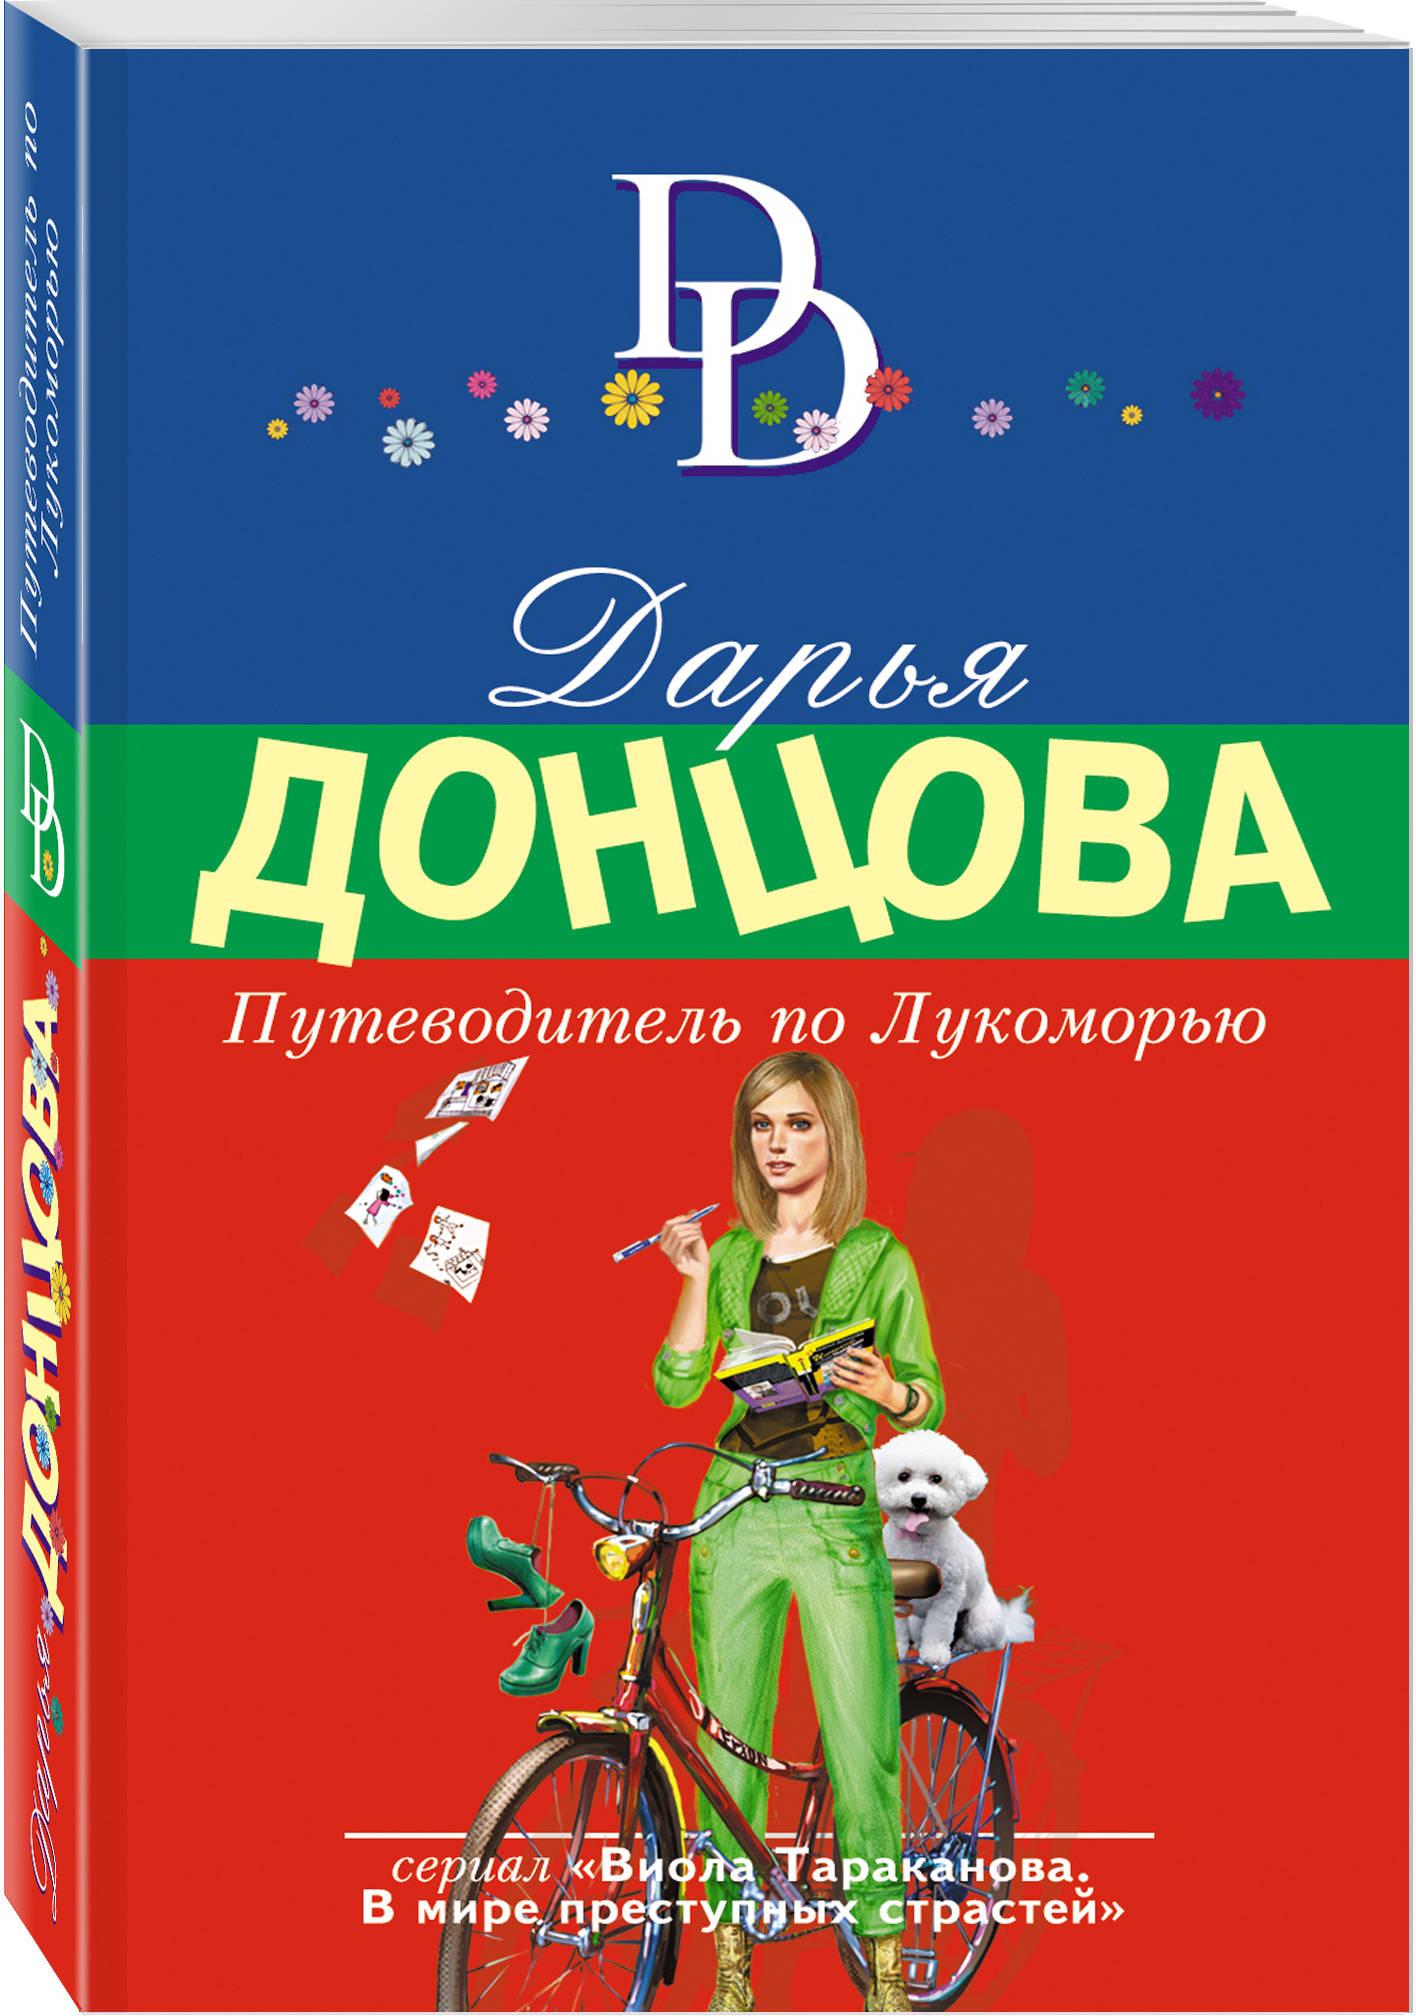 Донцова Дарья Аркадьевна Путеводитель по Лукоморью